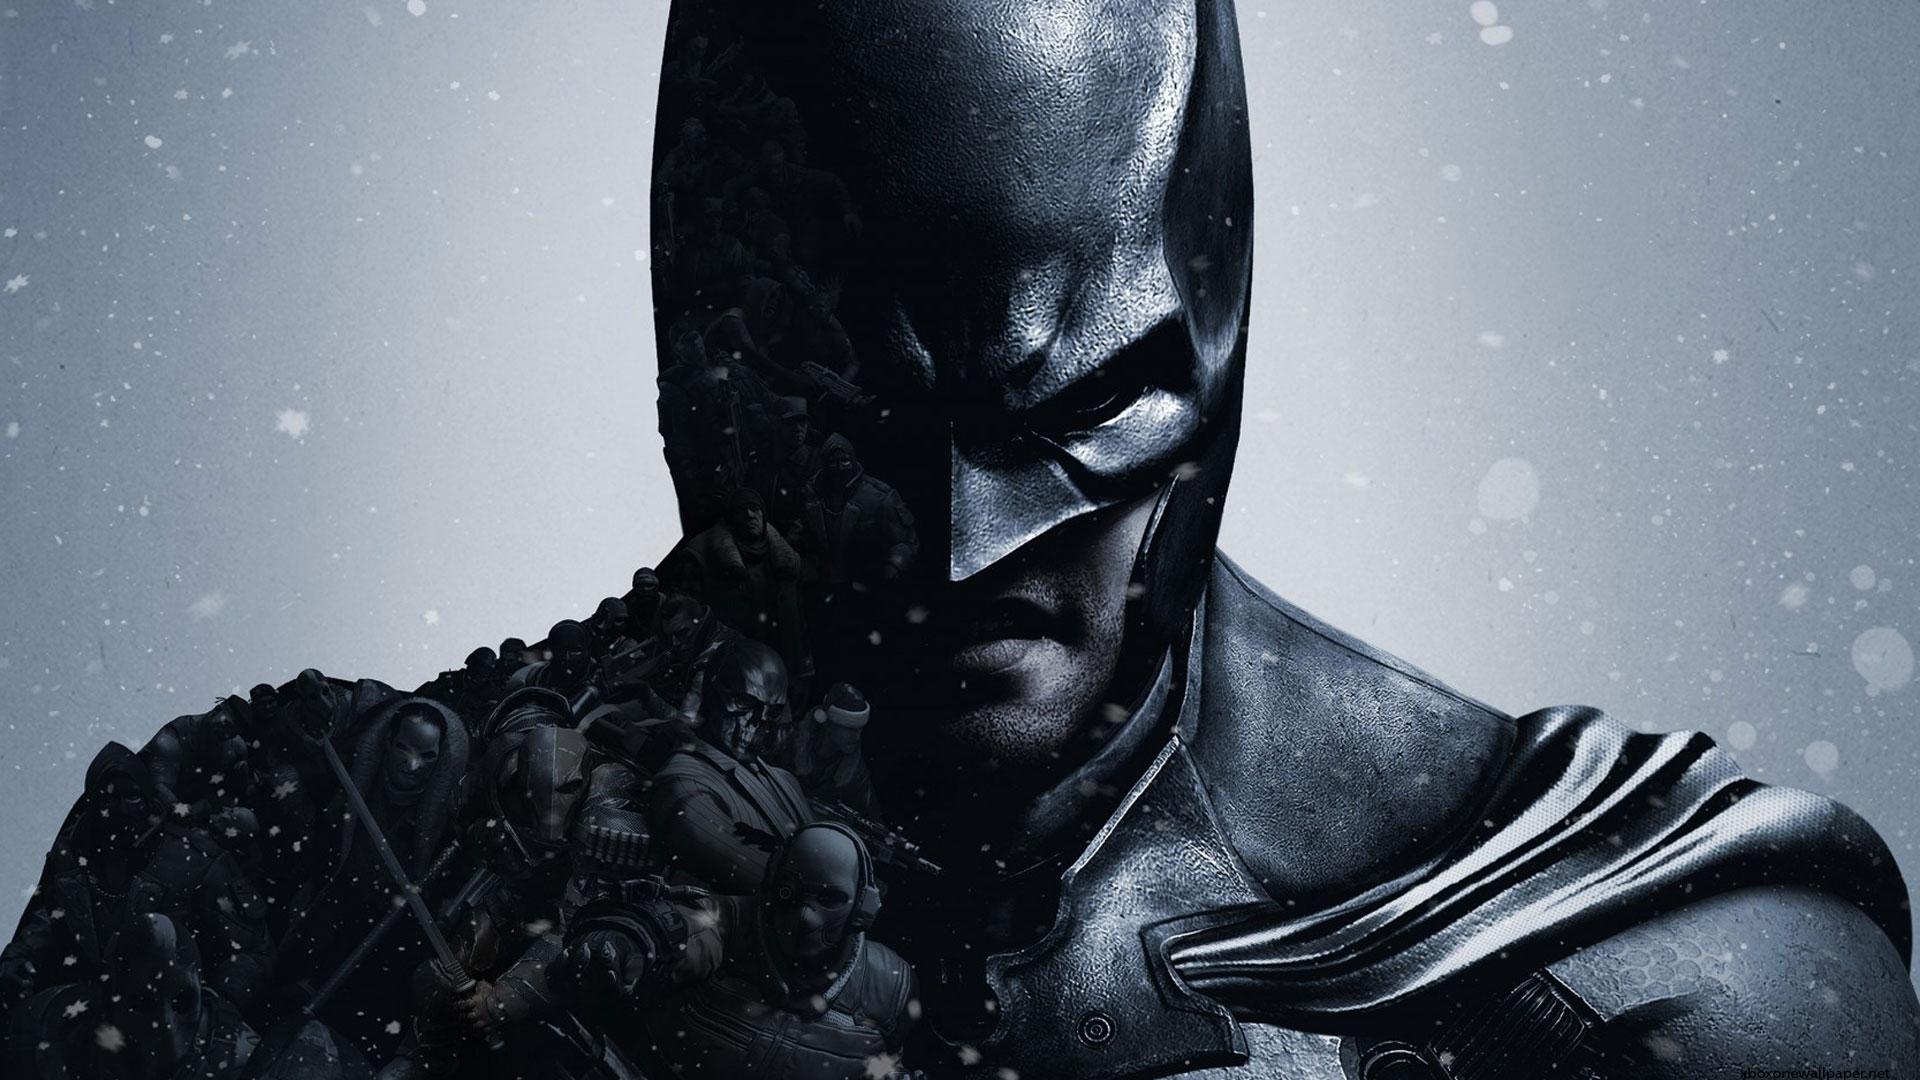 Batman Arkham Origins Wallpaper HD Wallpaper Photo 1080p 1920x1080 1920x1080